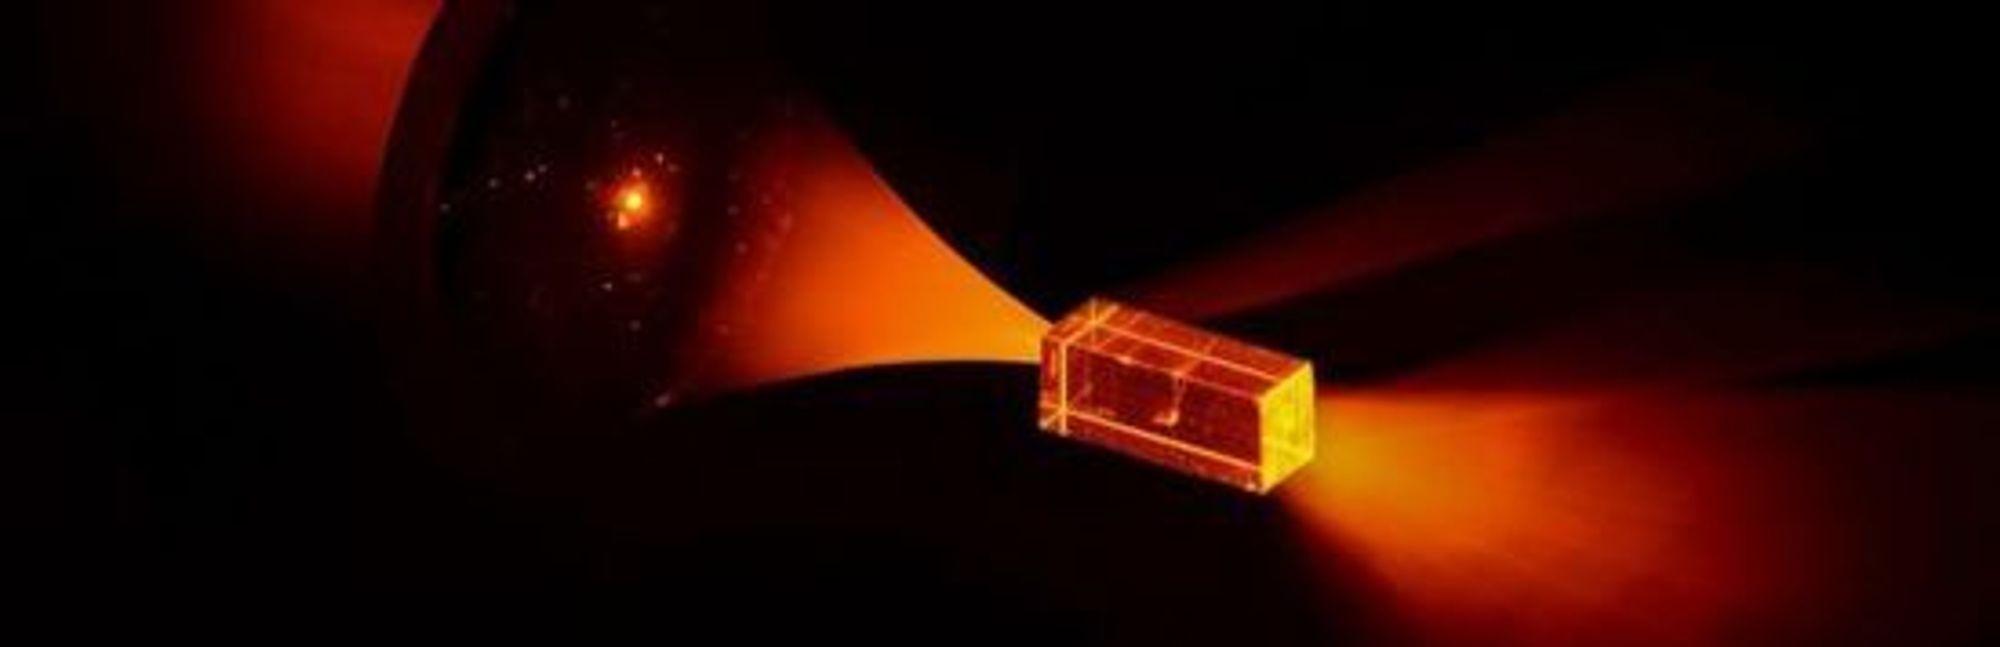 Skriving av kvanteinformasjon på et europium-ion som er integrert i en krystall.